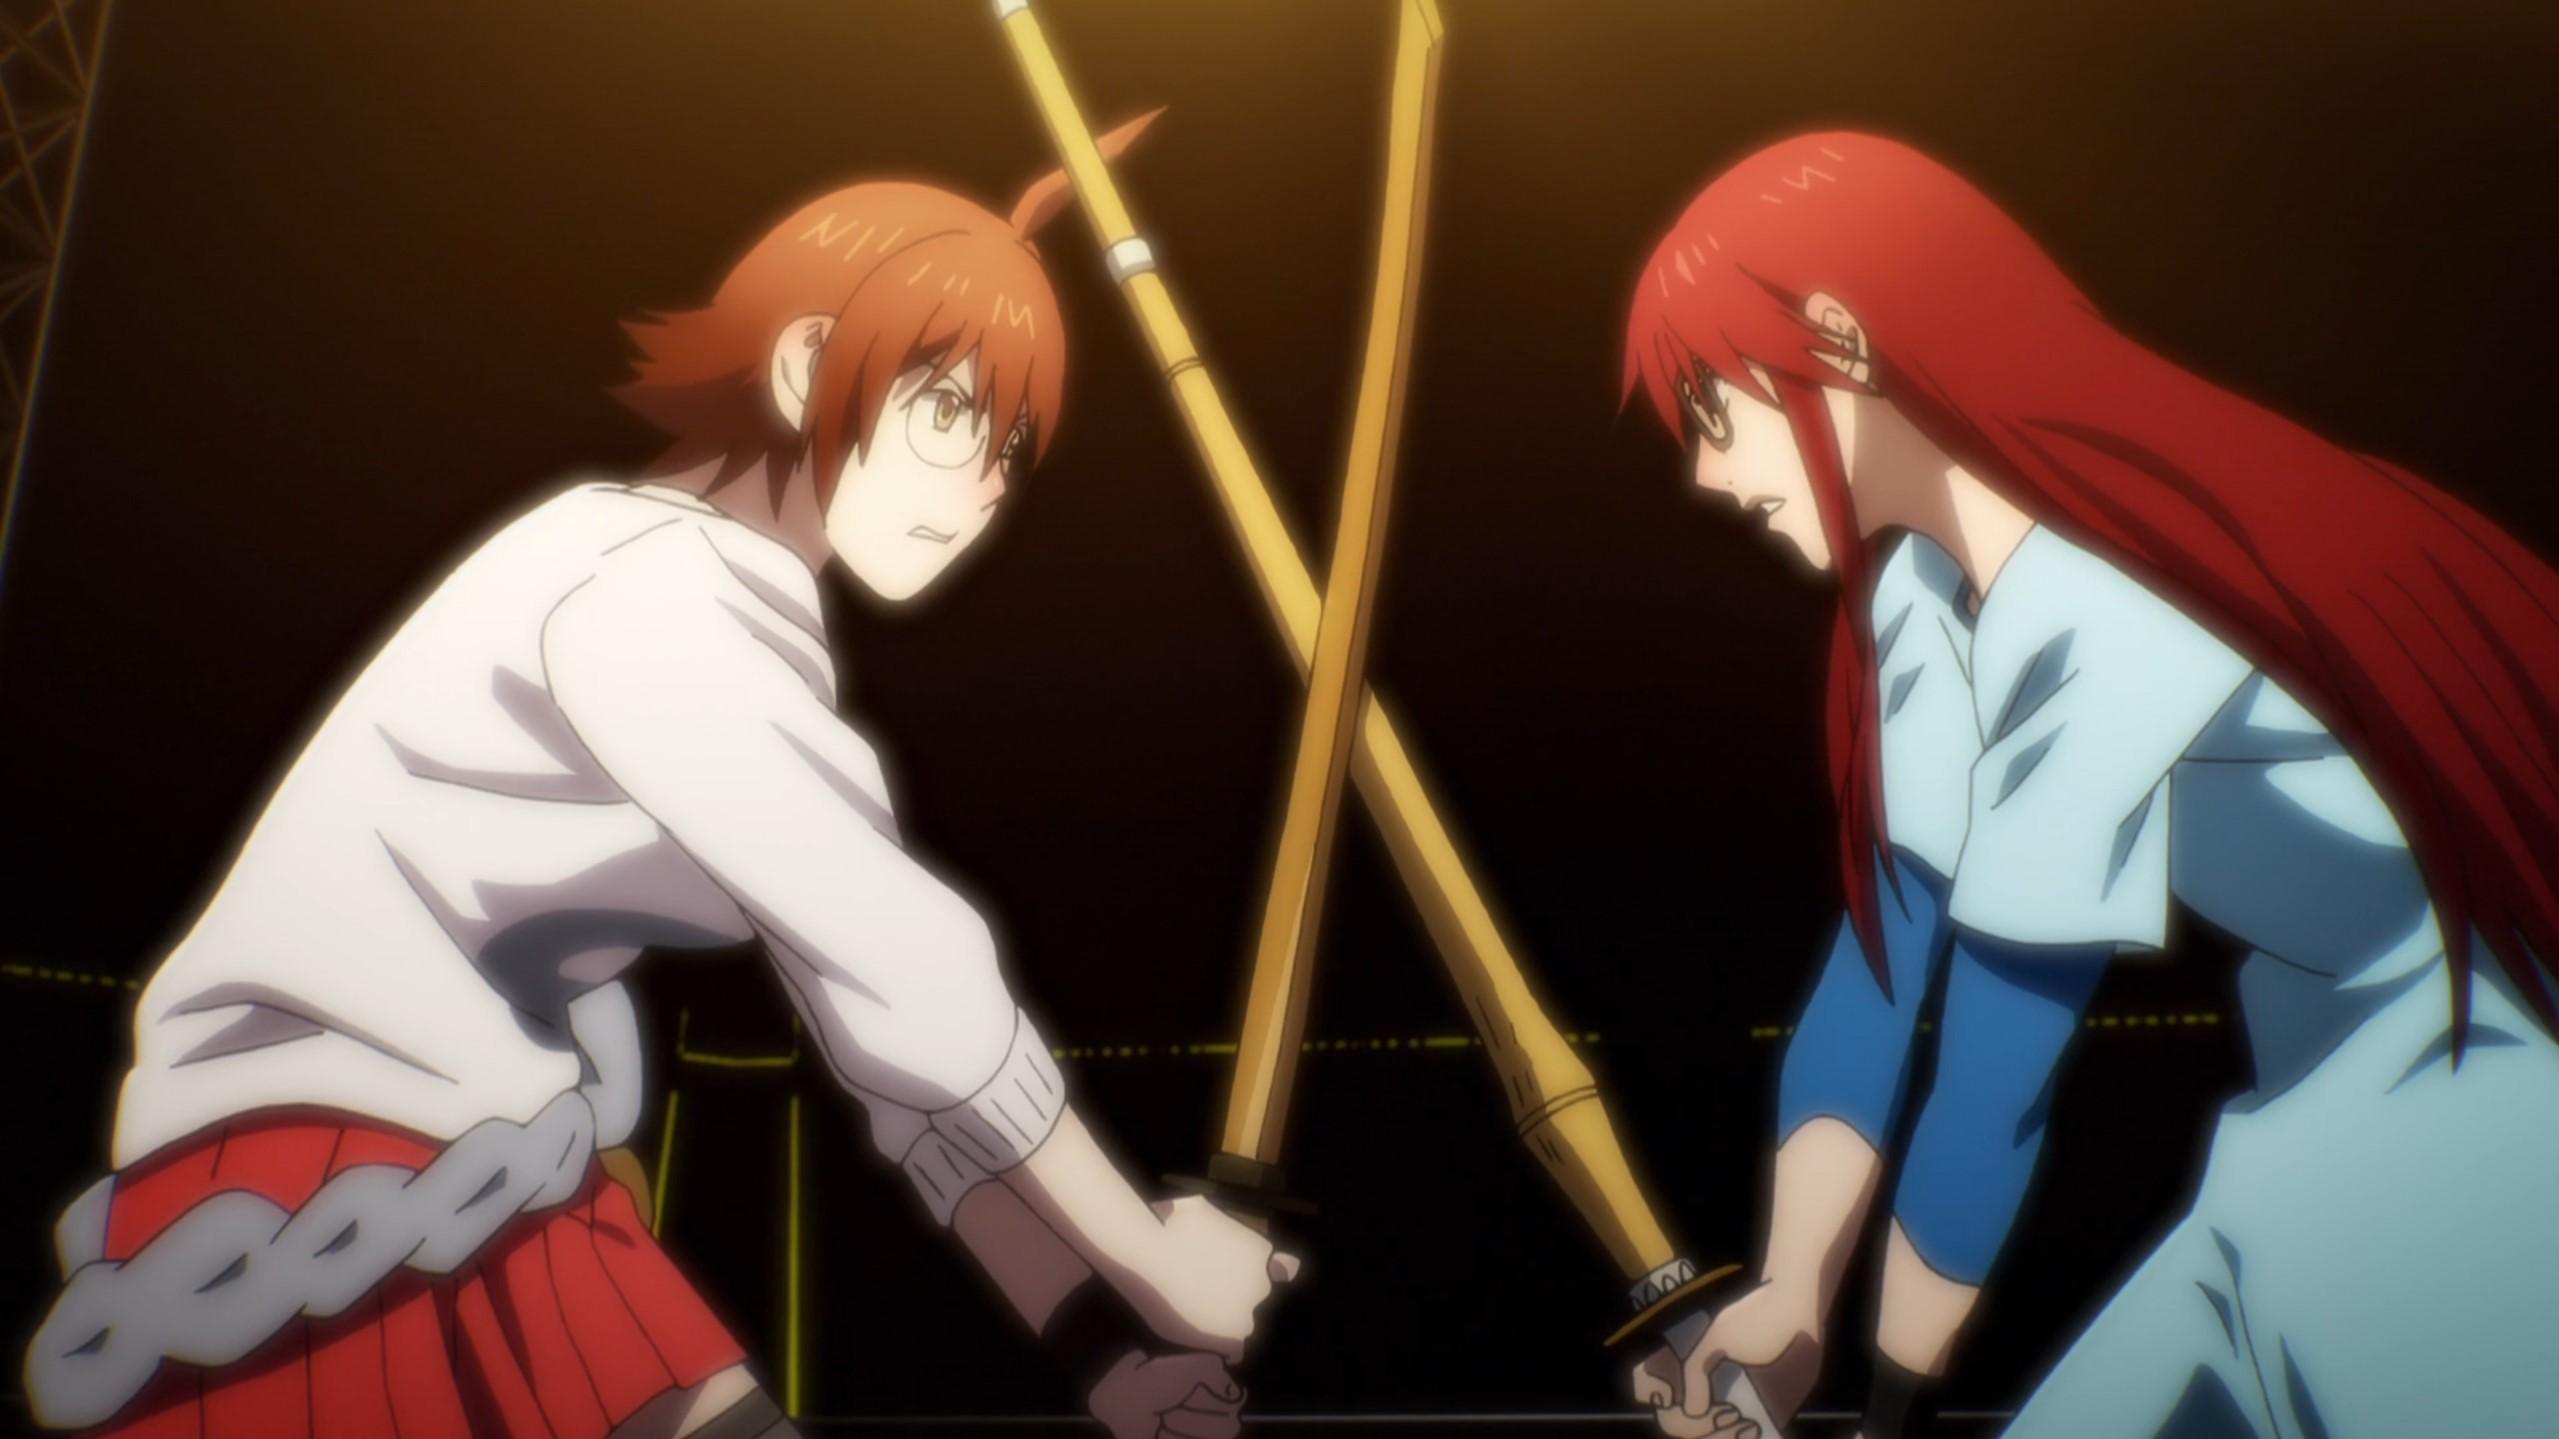 duel of swords